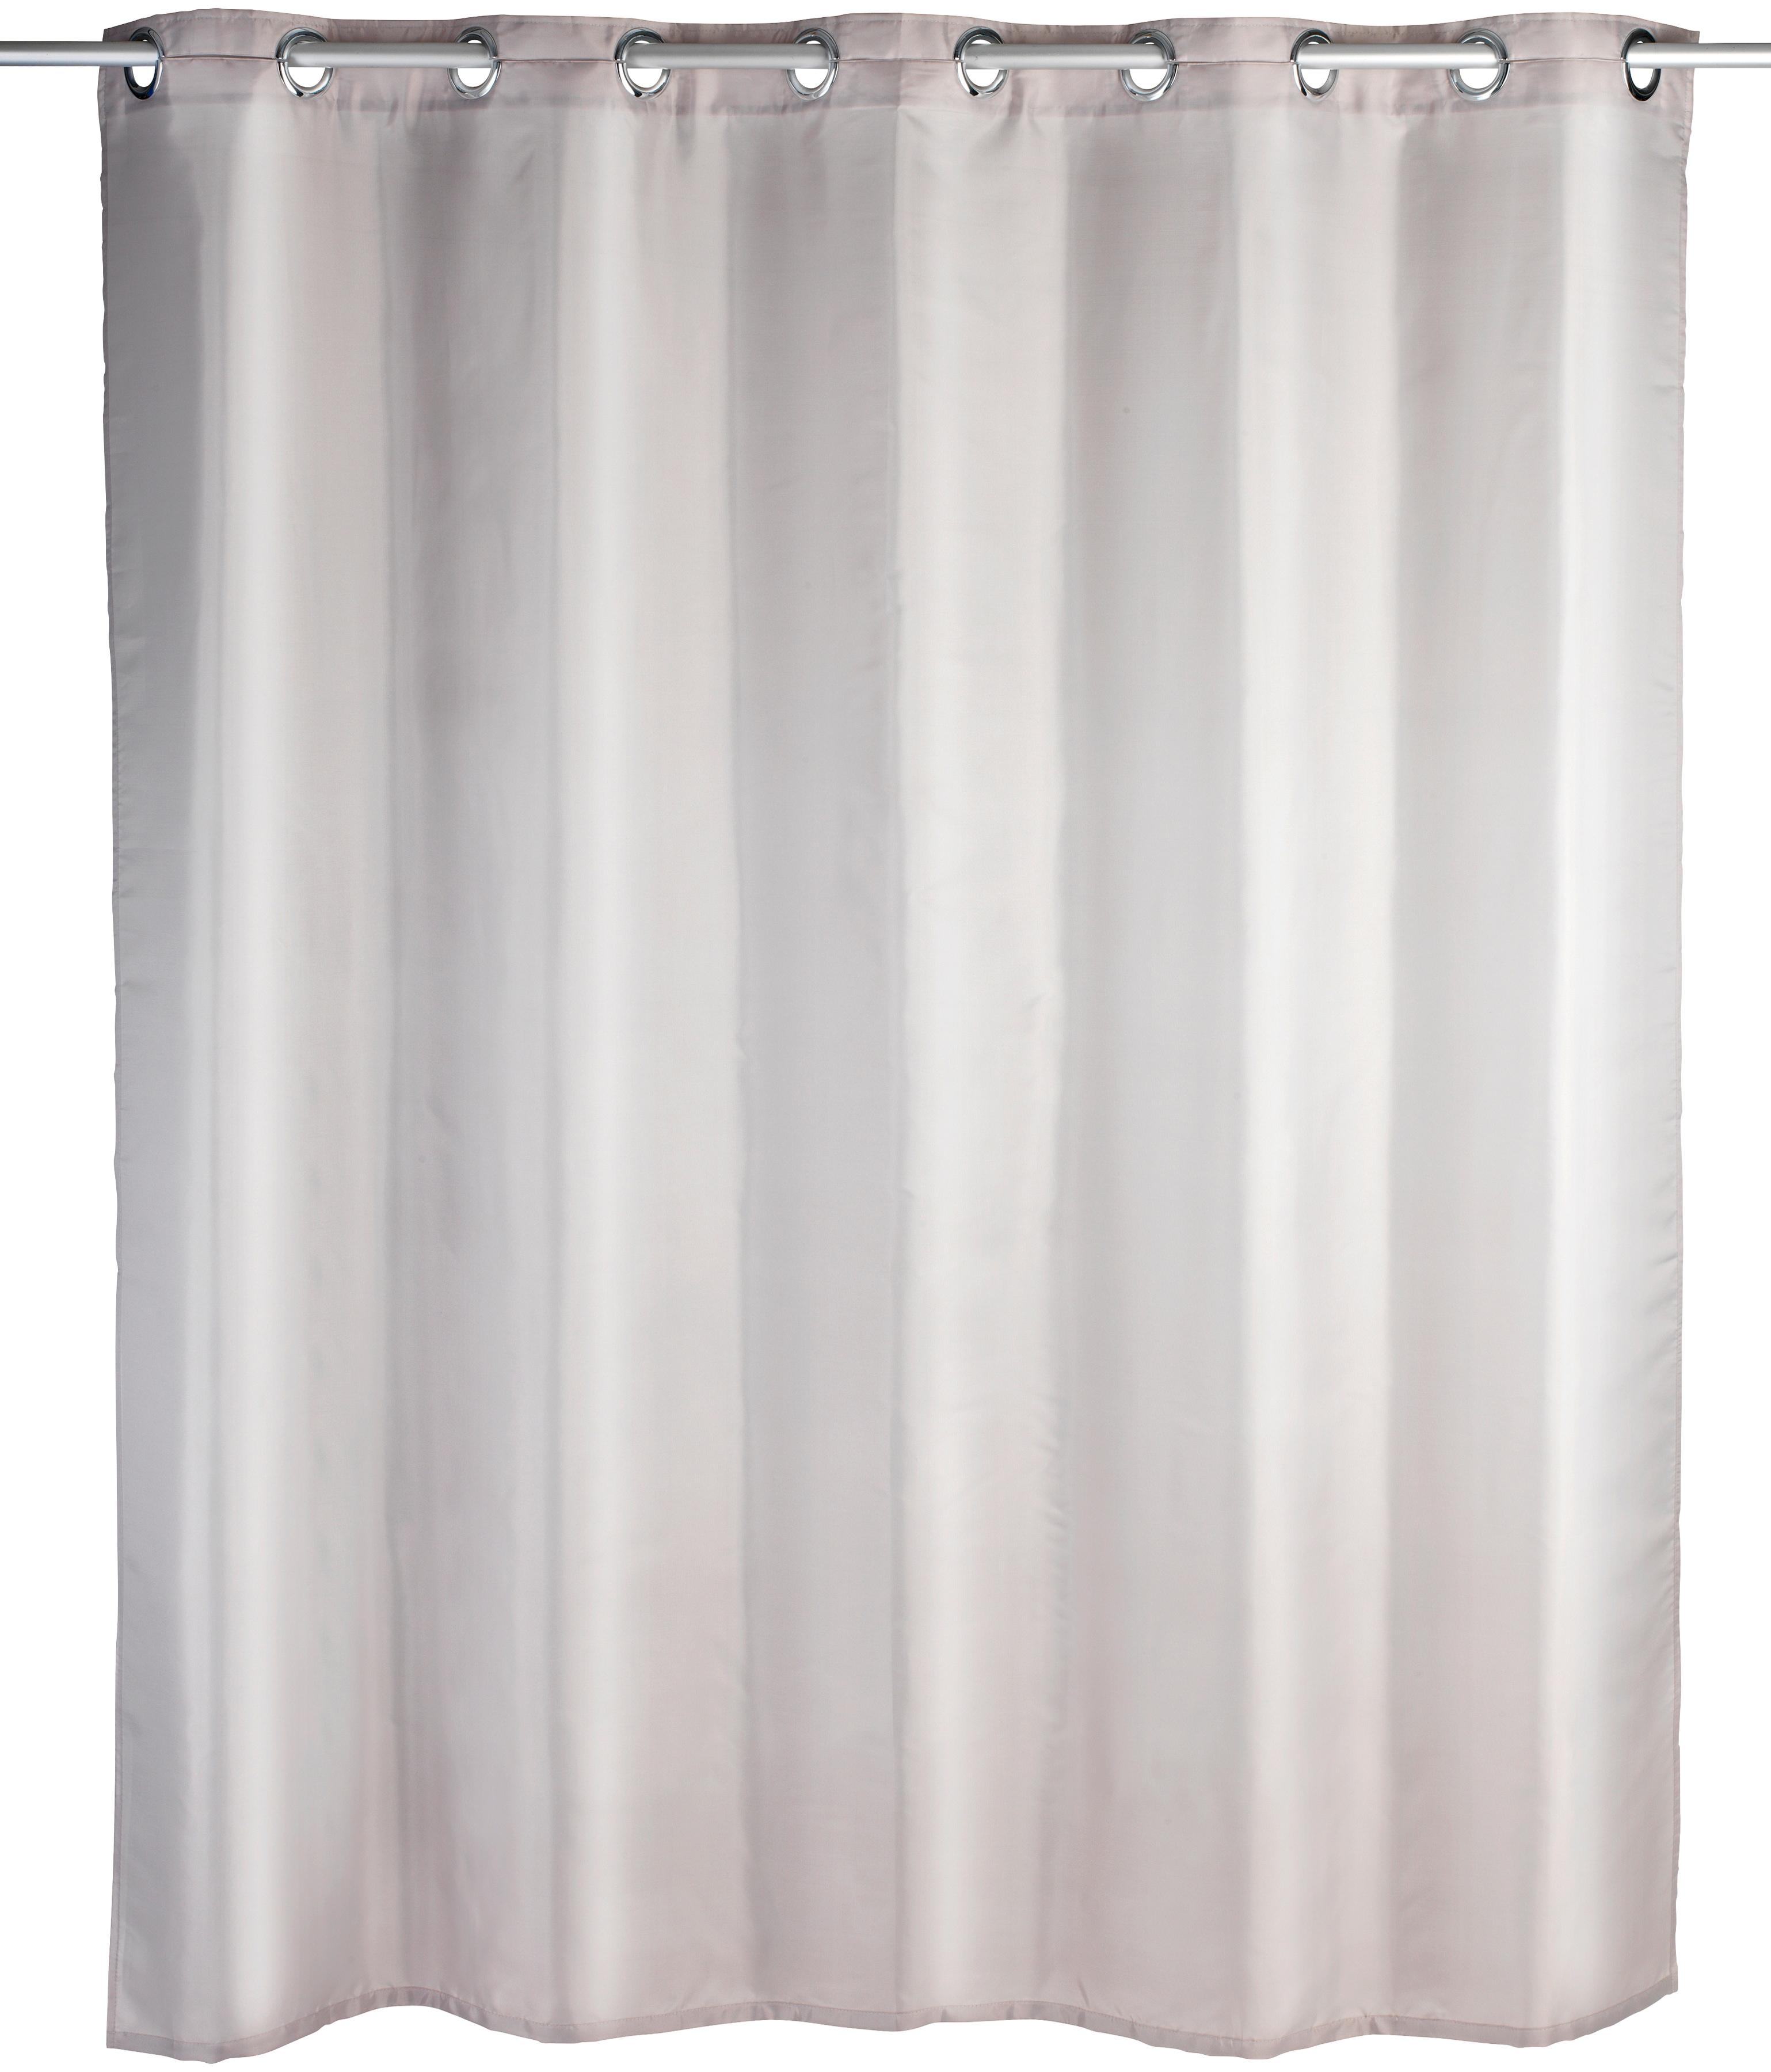 WENKO Duschvorhang »Comfort Flex« | Bad > Duschen > Duschvorhänge | Grau | Polyester | Wenko